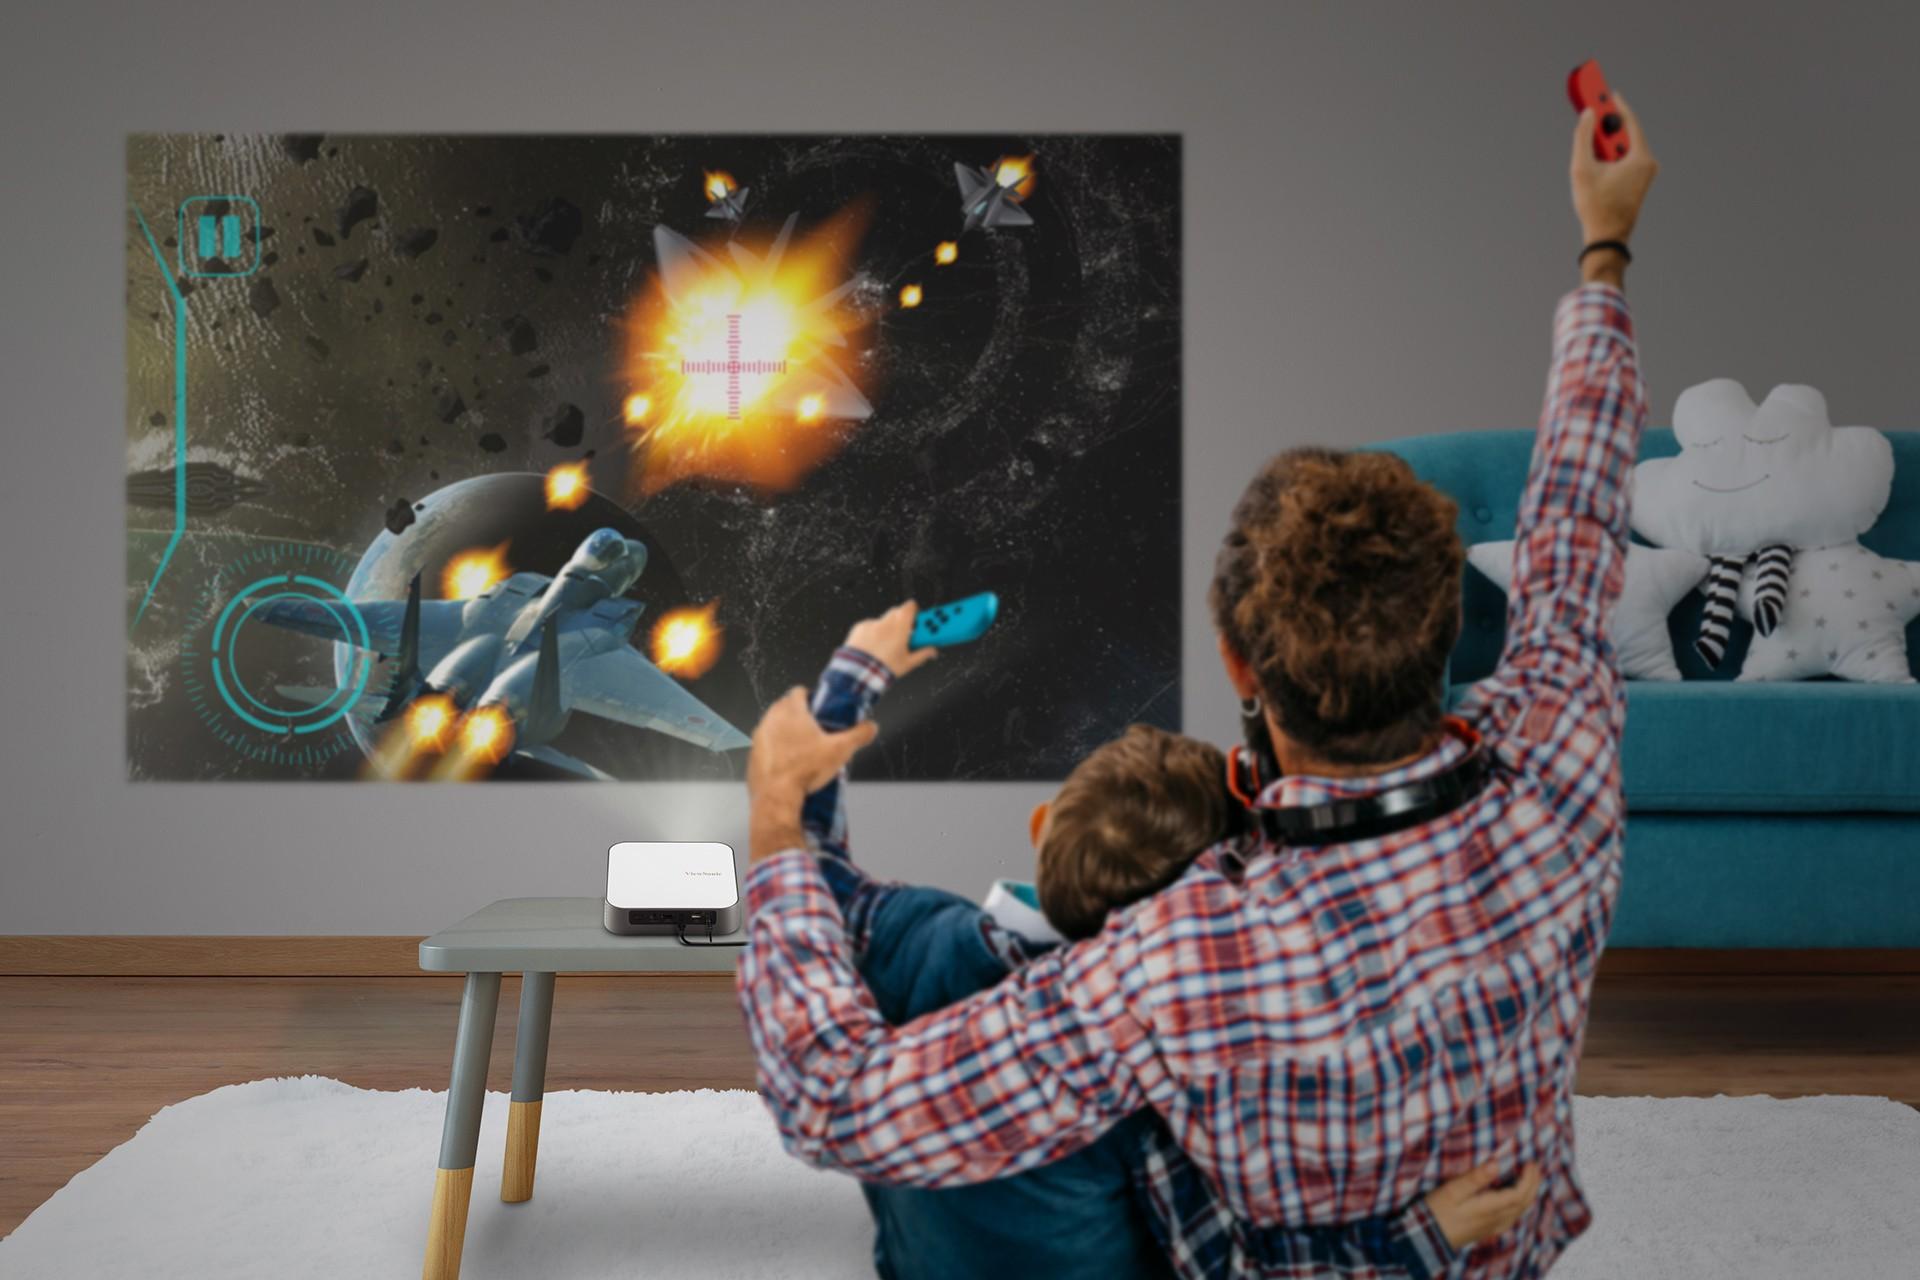 Τώρα μπορείς να αναβαθμίσεις την gaming εμπειρία της οικογένειάς σου με τον νέο προβολέα M2e Τα ηλεκτρονικά παιχνίδια είναι μια ασχολία που αγαπούν μικροί και μεγάλοι. Με τον νέο προβολέα M2e της Viewsonic μπορείς να ζήσεις μια πιο ποιοτική εμπειρία gaming και να περάσεις ευχάριστες στιγμές με την οικογένειά σου παρέα με το gadget της νούμερο ένα εταιρείας οπτικής τεχνολογίας.